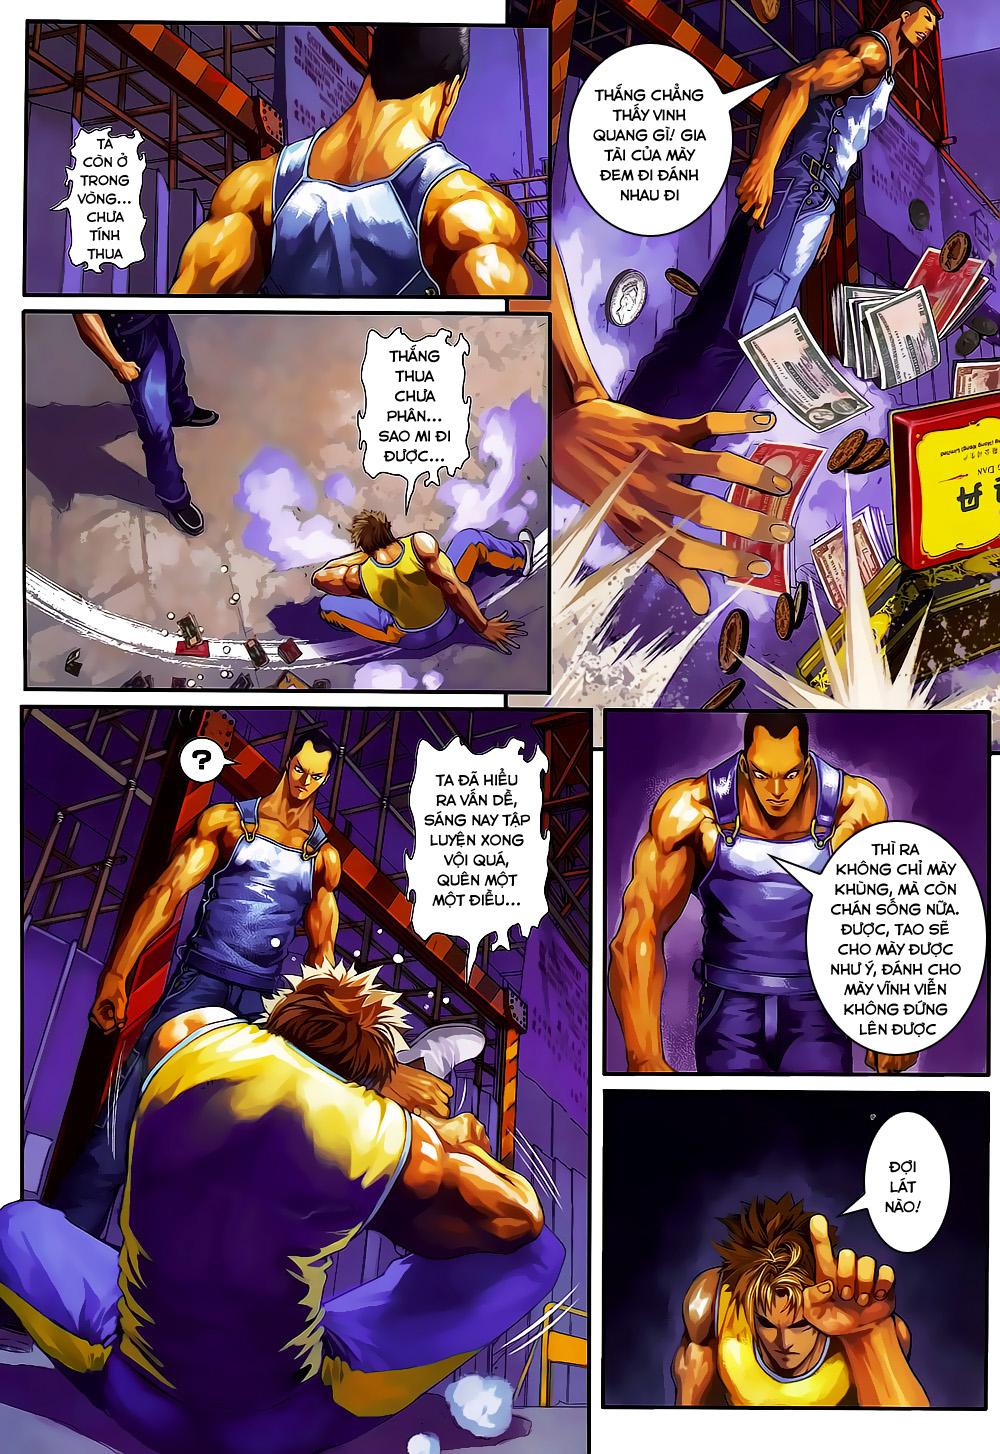 Quyền Đạo chapter 2 trang 13